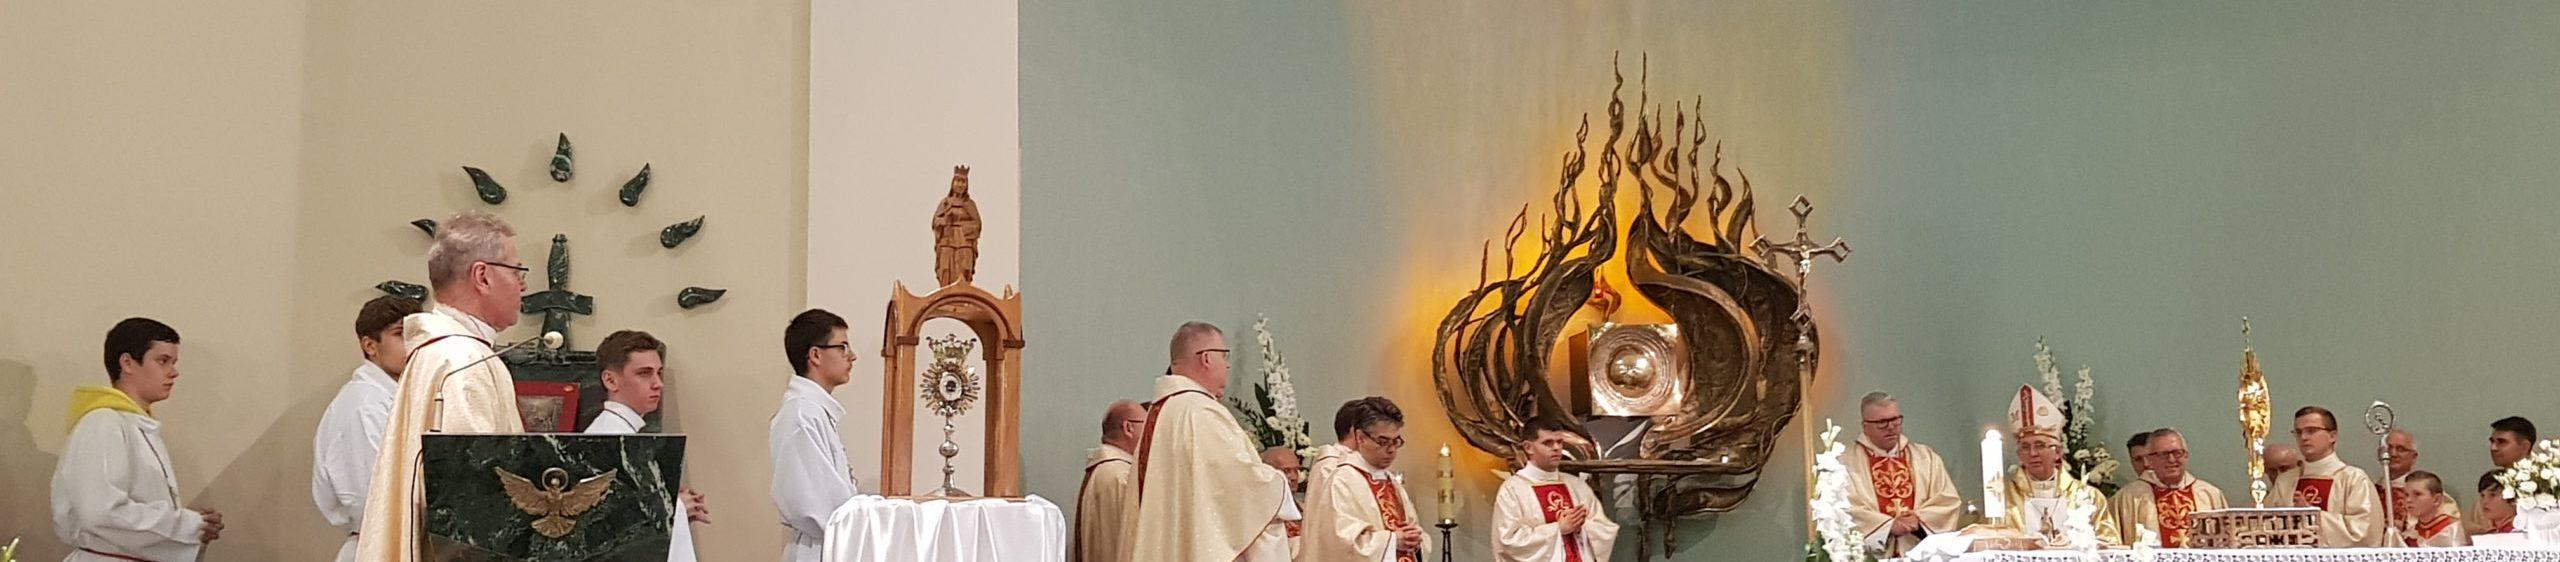 Rzymskokatolicka Parafia pw. Świętej Jadwigi Królowej w Kielcach